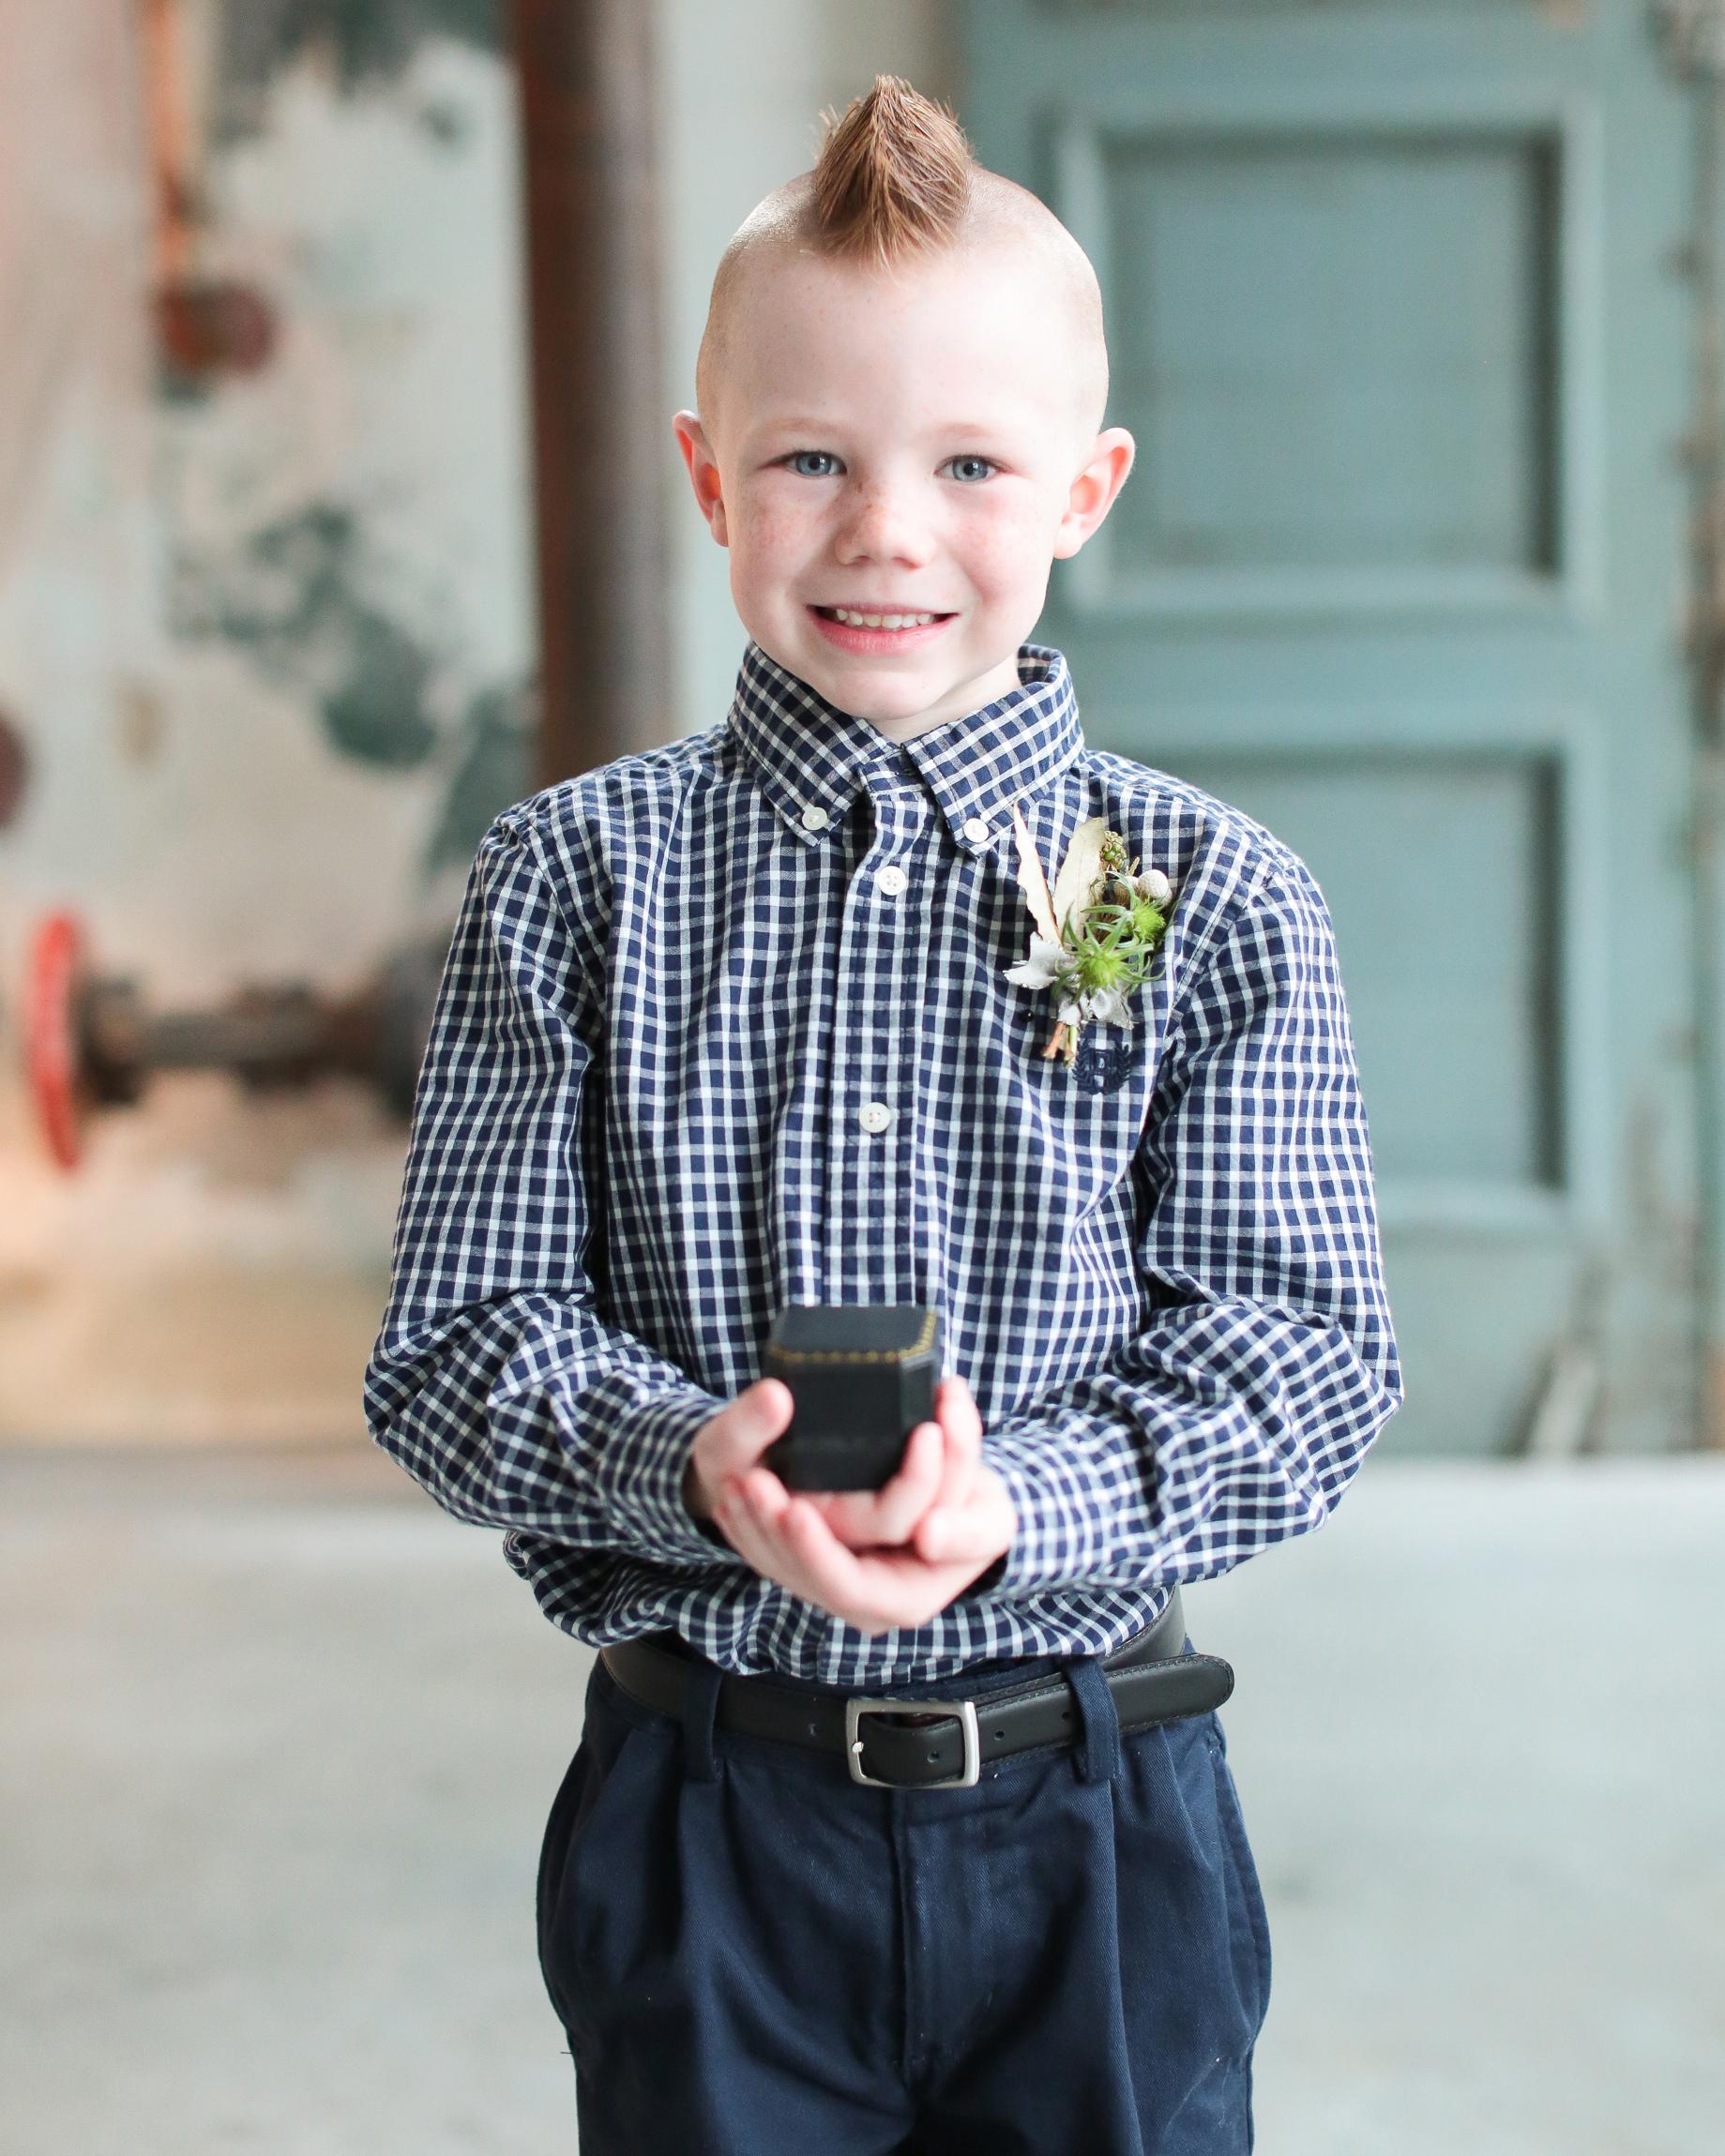 coleen-brandon-wedding-ringbearer-0614.jpg